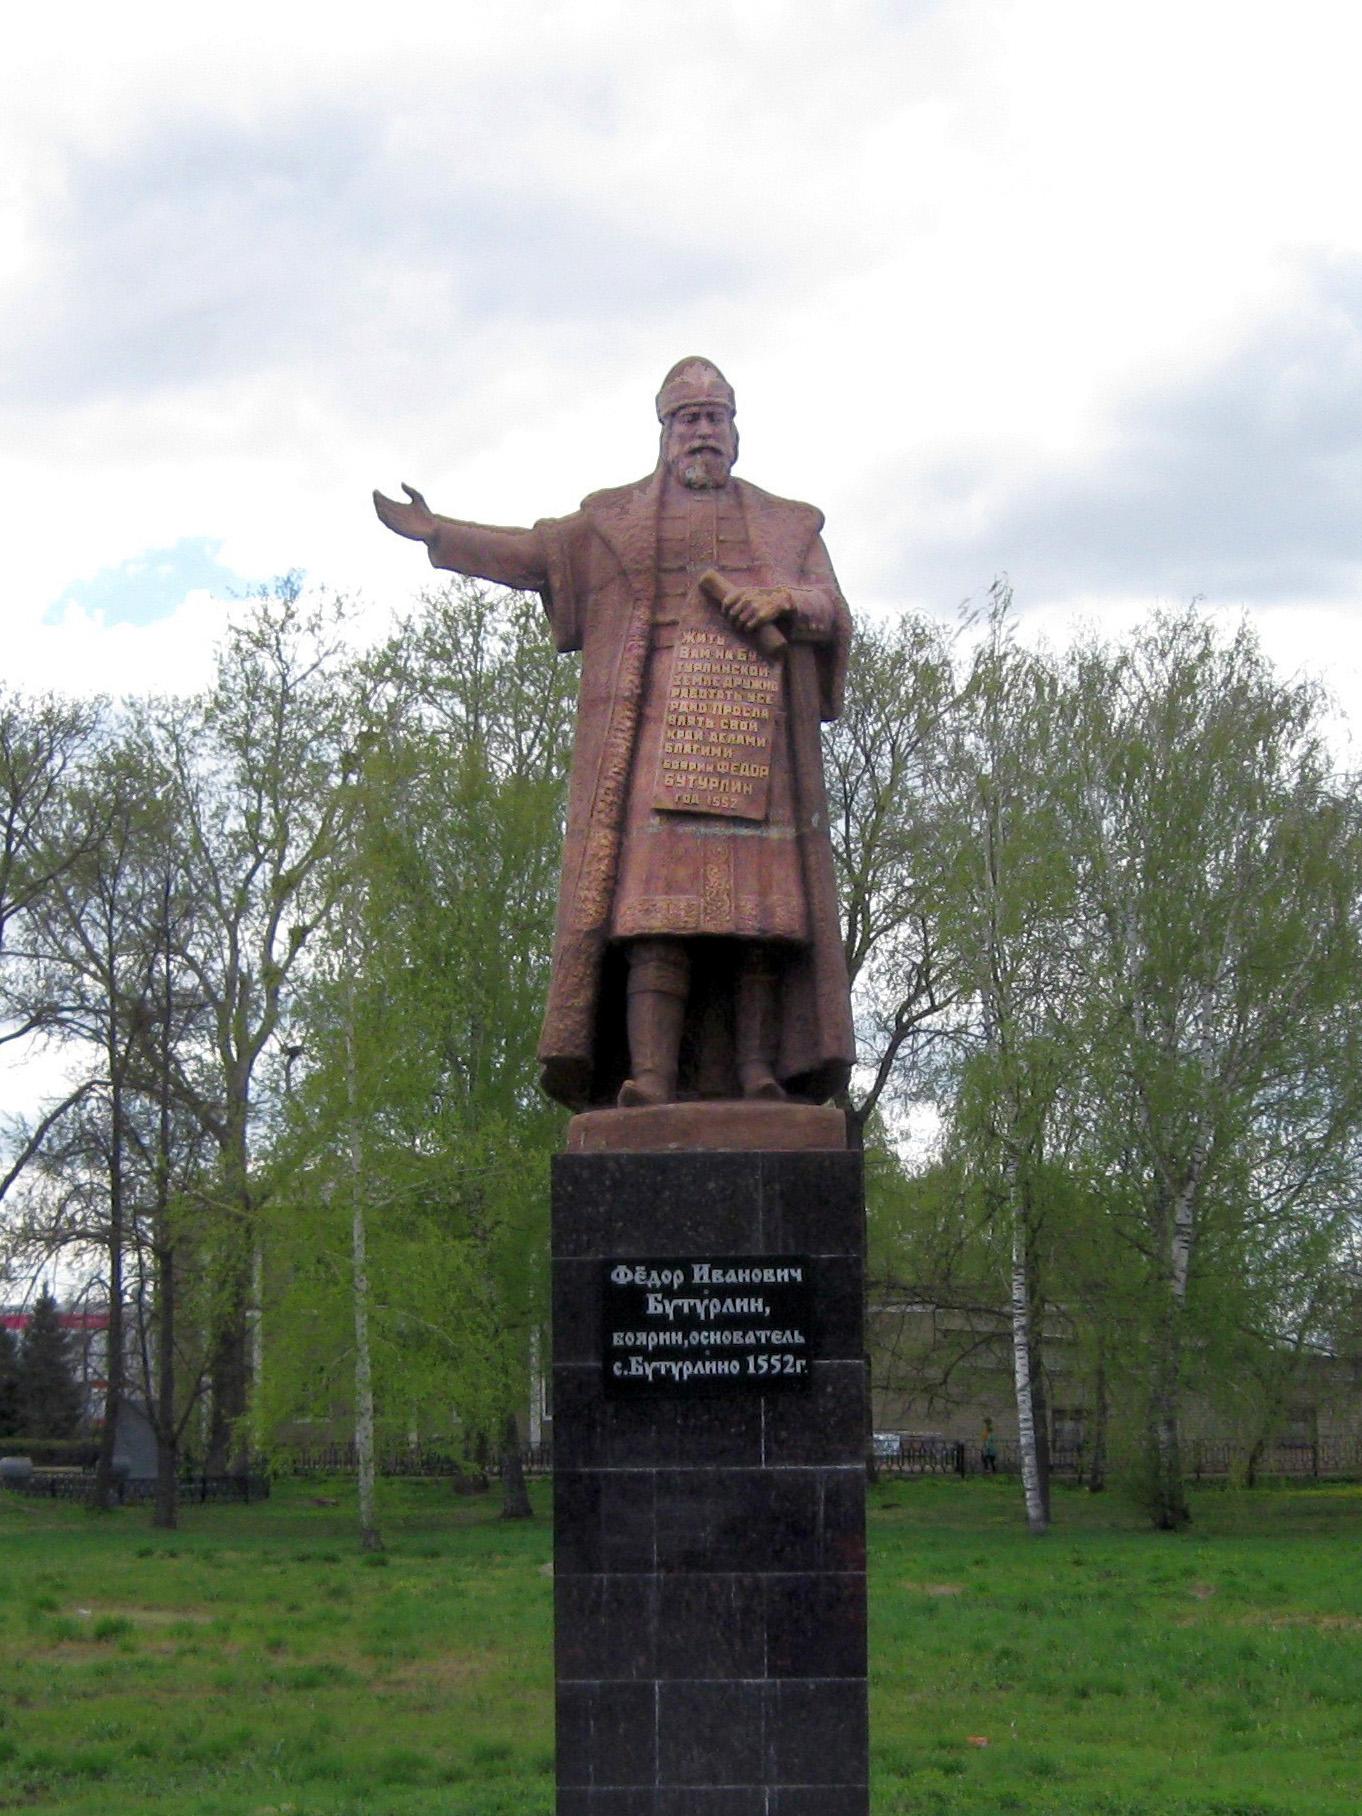 Памятник основателю Бутурлино, боярину Ф.И.Бутурлину.